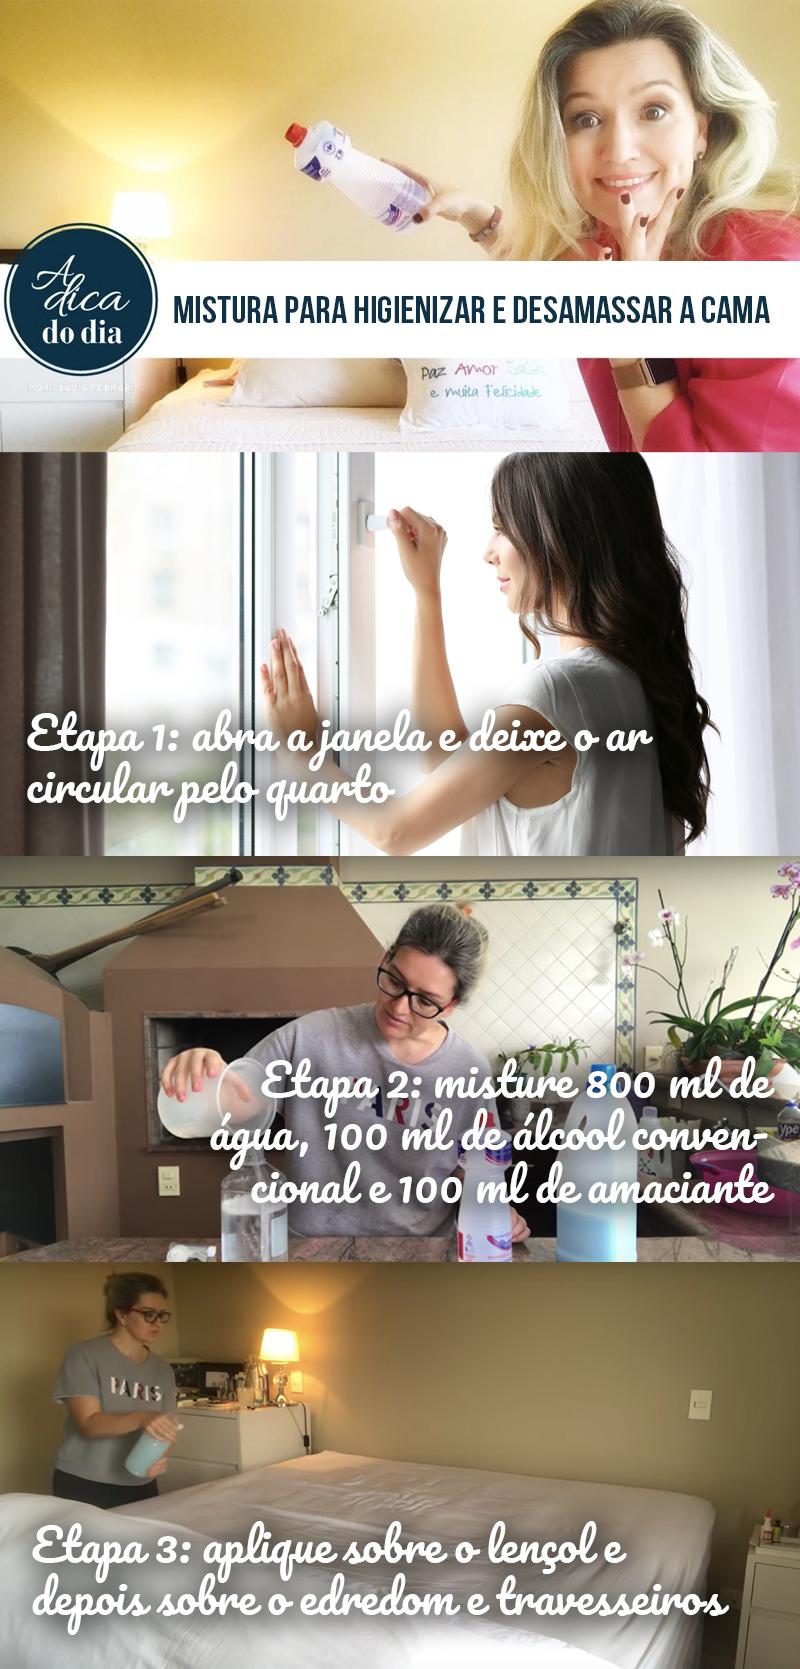 Misturinha para higienizar e desamassar a cama A Dica do Dia por Flávia Ferrari